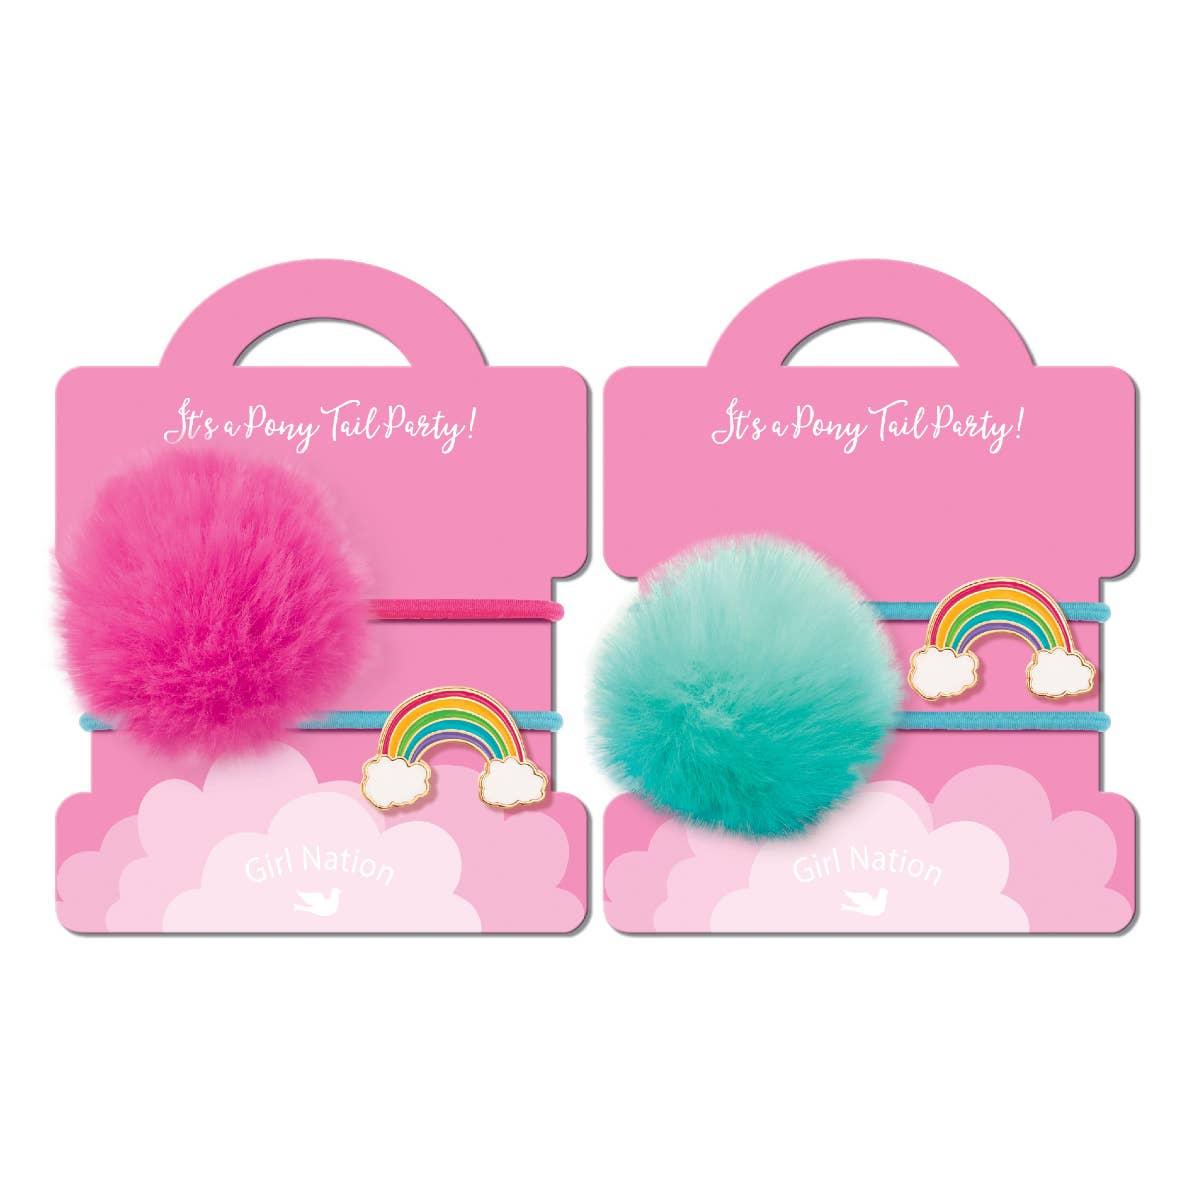 Pony Tail Whimsy- Cloud Luvs Rainbow | Trada Marketplace